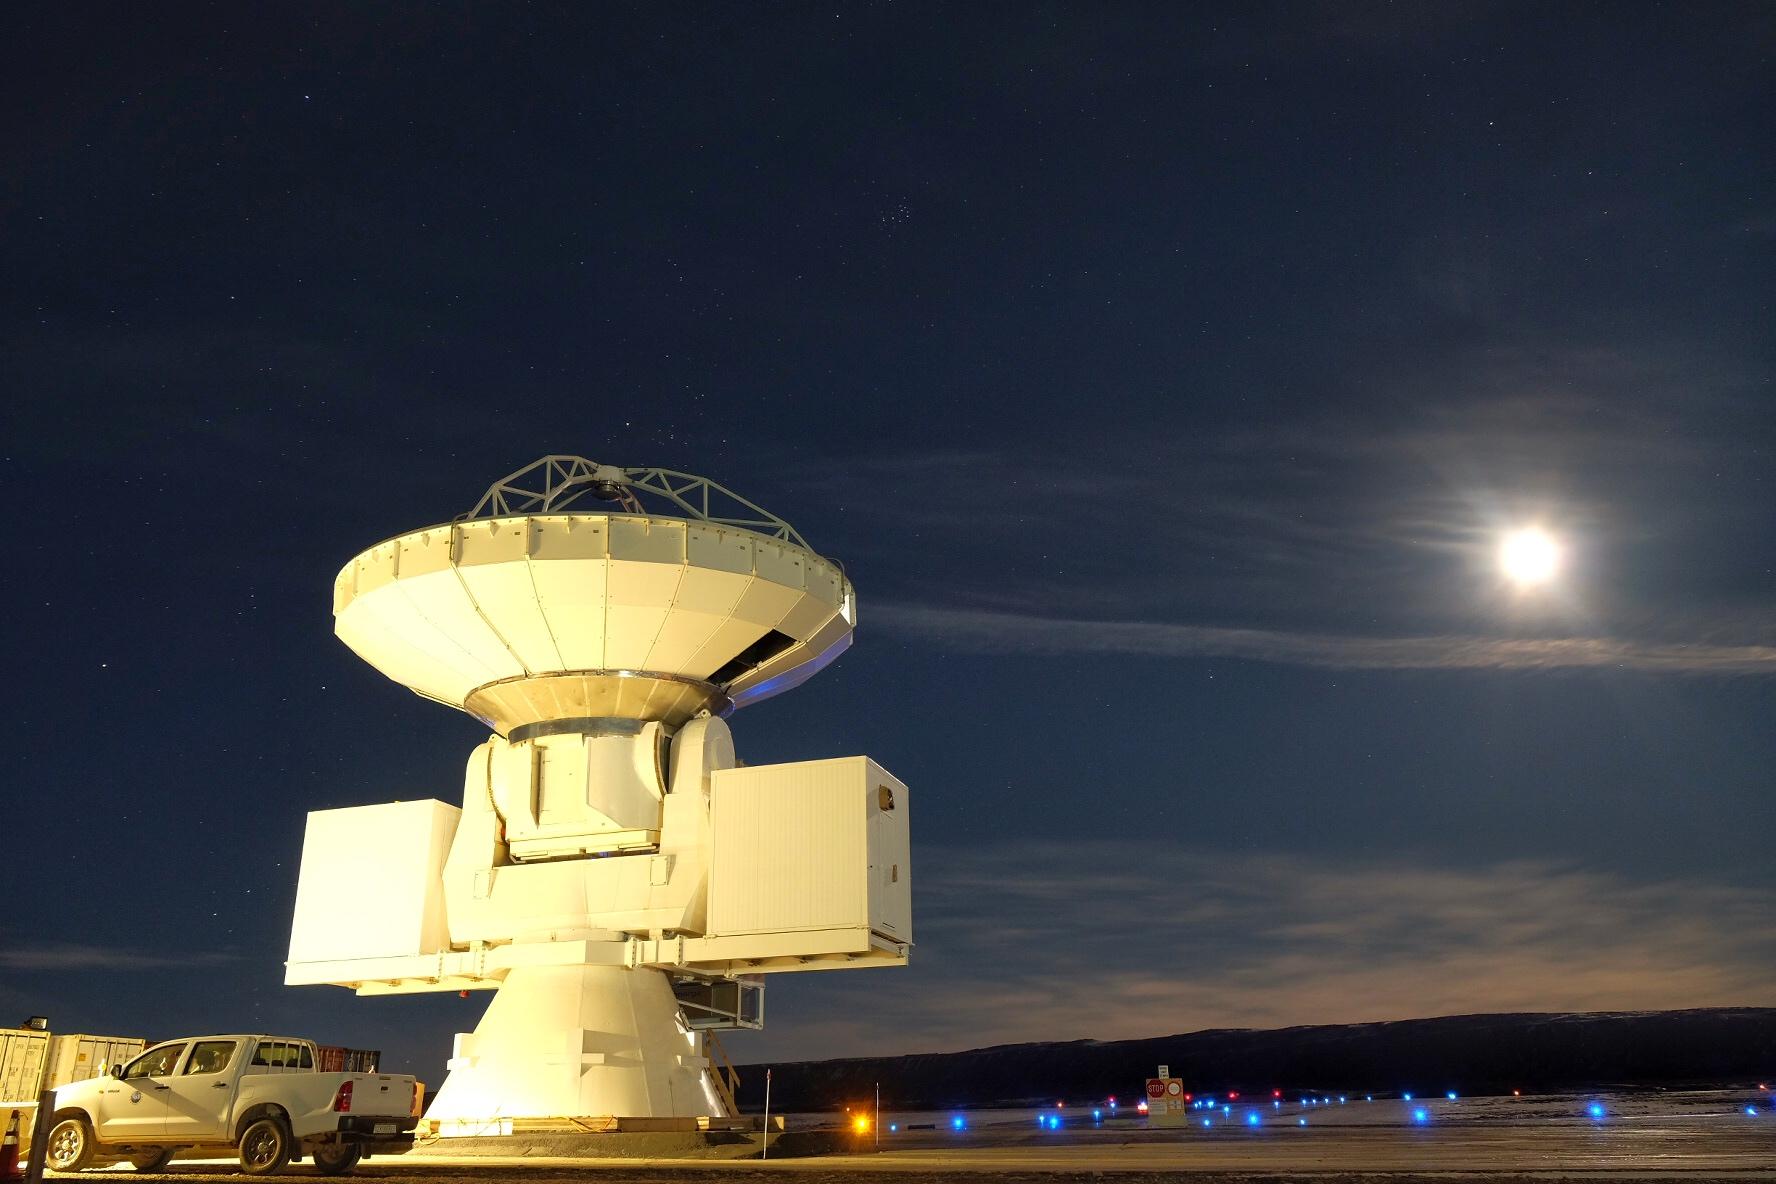 參考文章│把望遠鏡搬到格陵蘭?!觀測黑洞的瘋狂天文學家